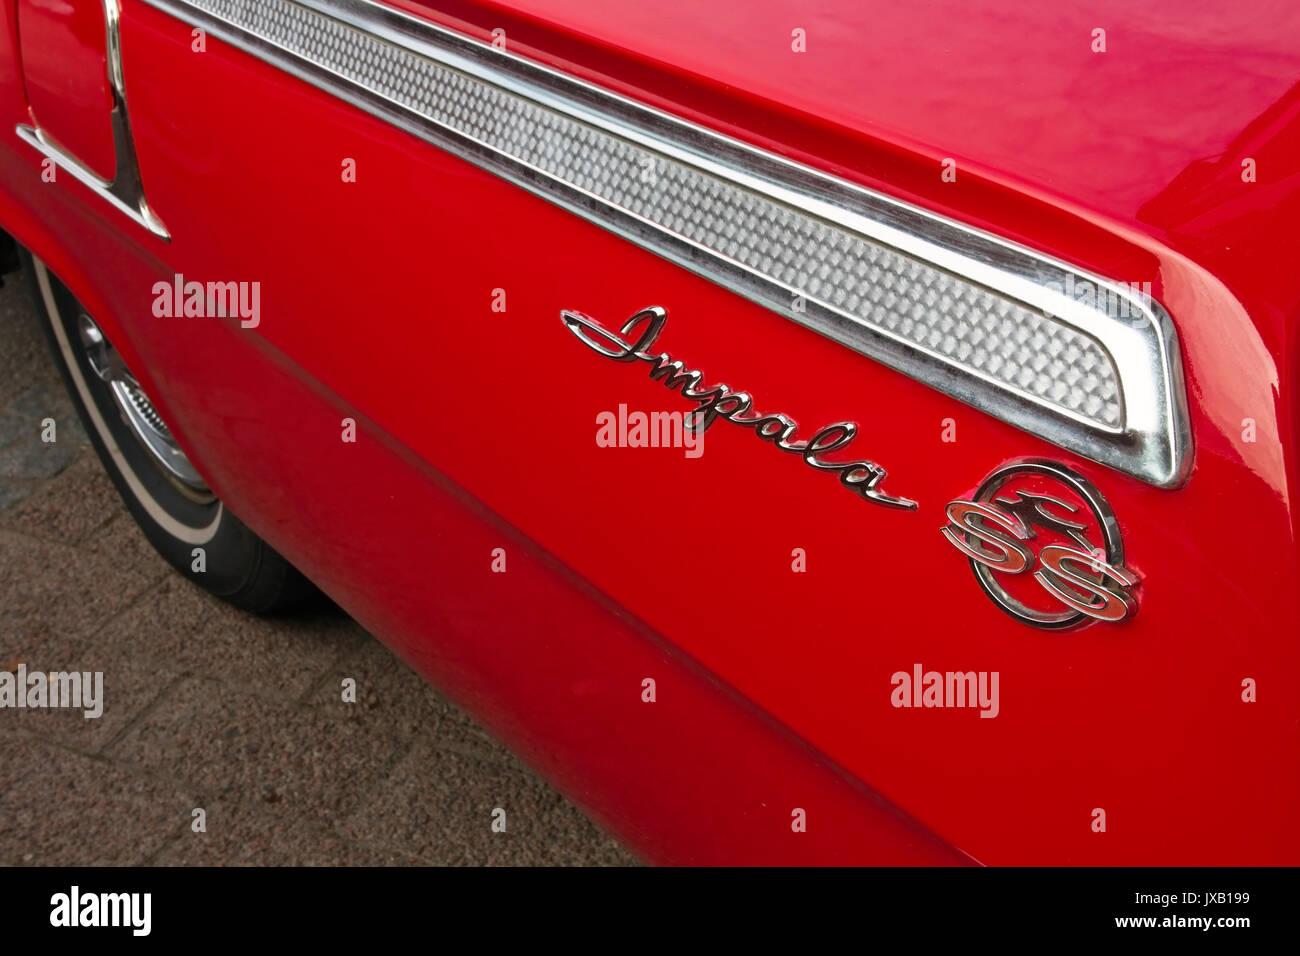 Ss Emblem Stock Photos & Ss Emblem Stock Images - Alamy